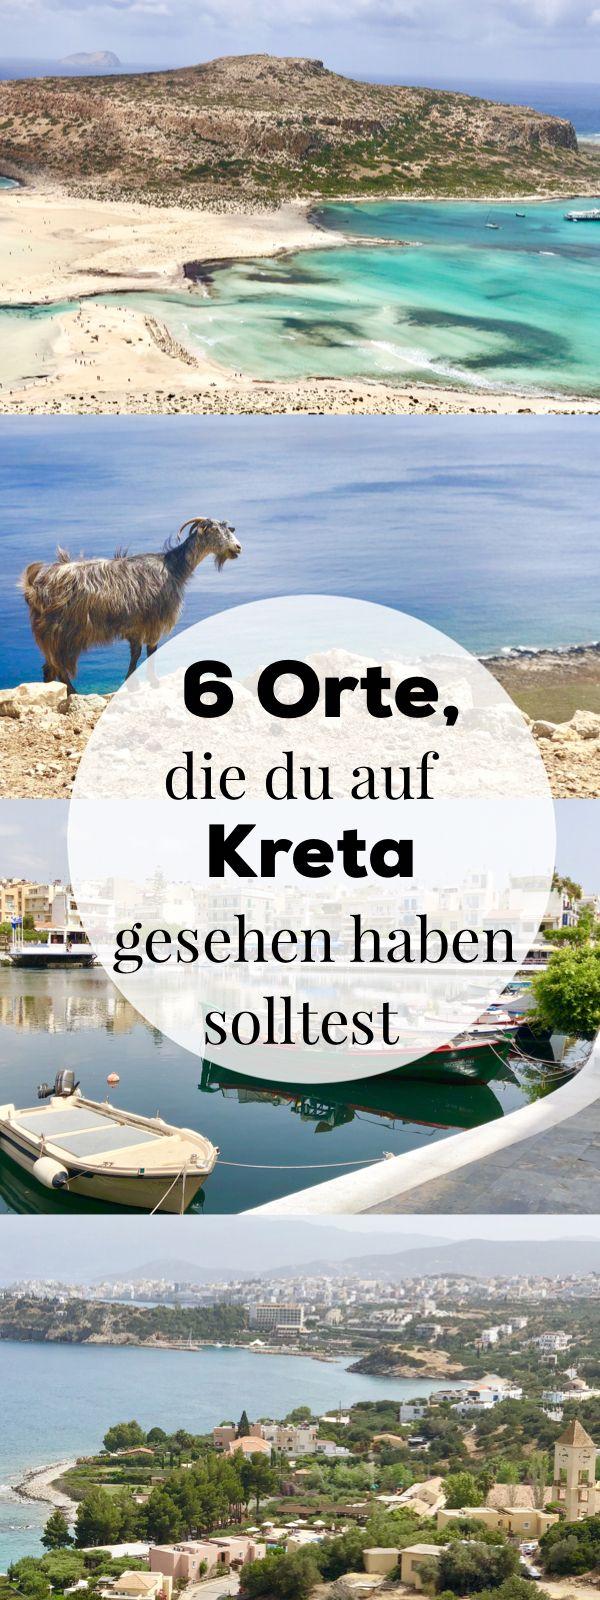 Kreta Urlaub – 6 Orte, die du dort auf jeden Fall besuchen solltest